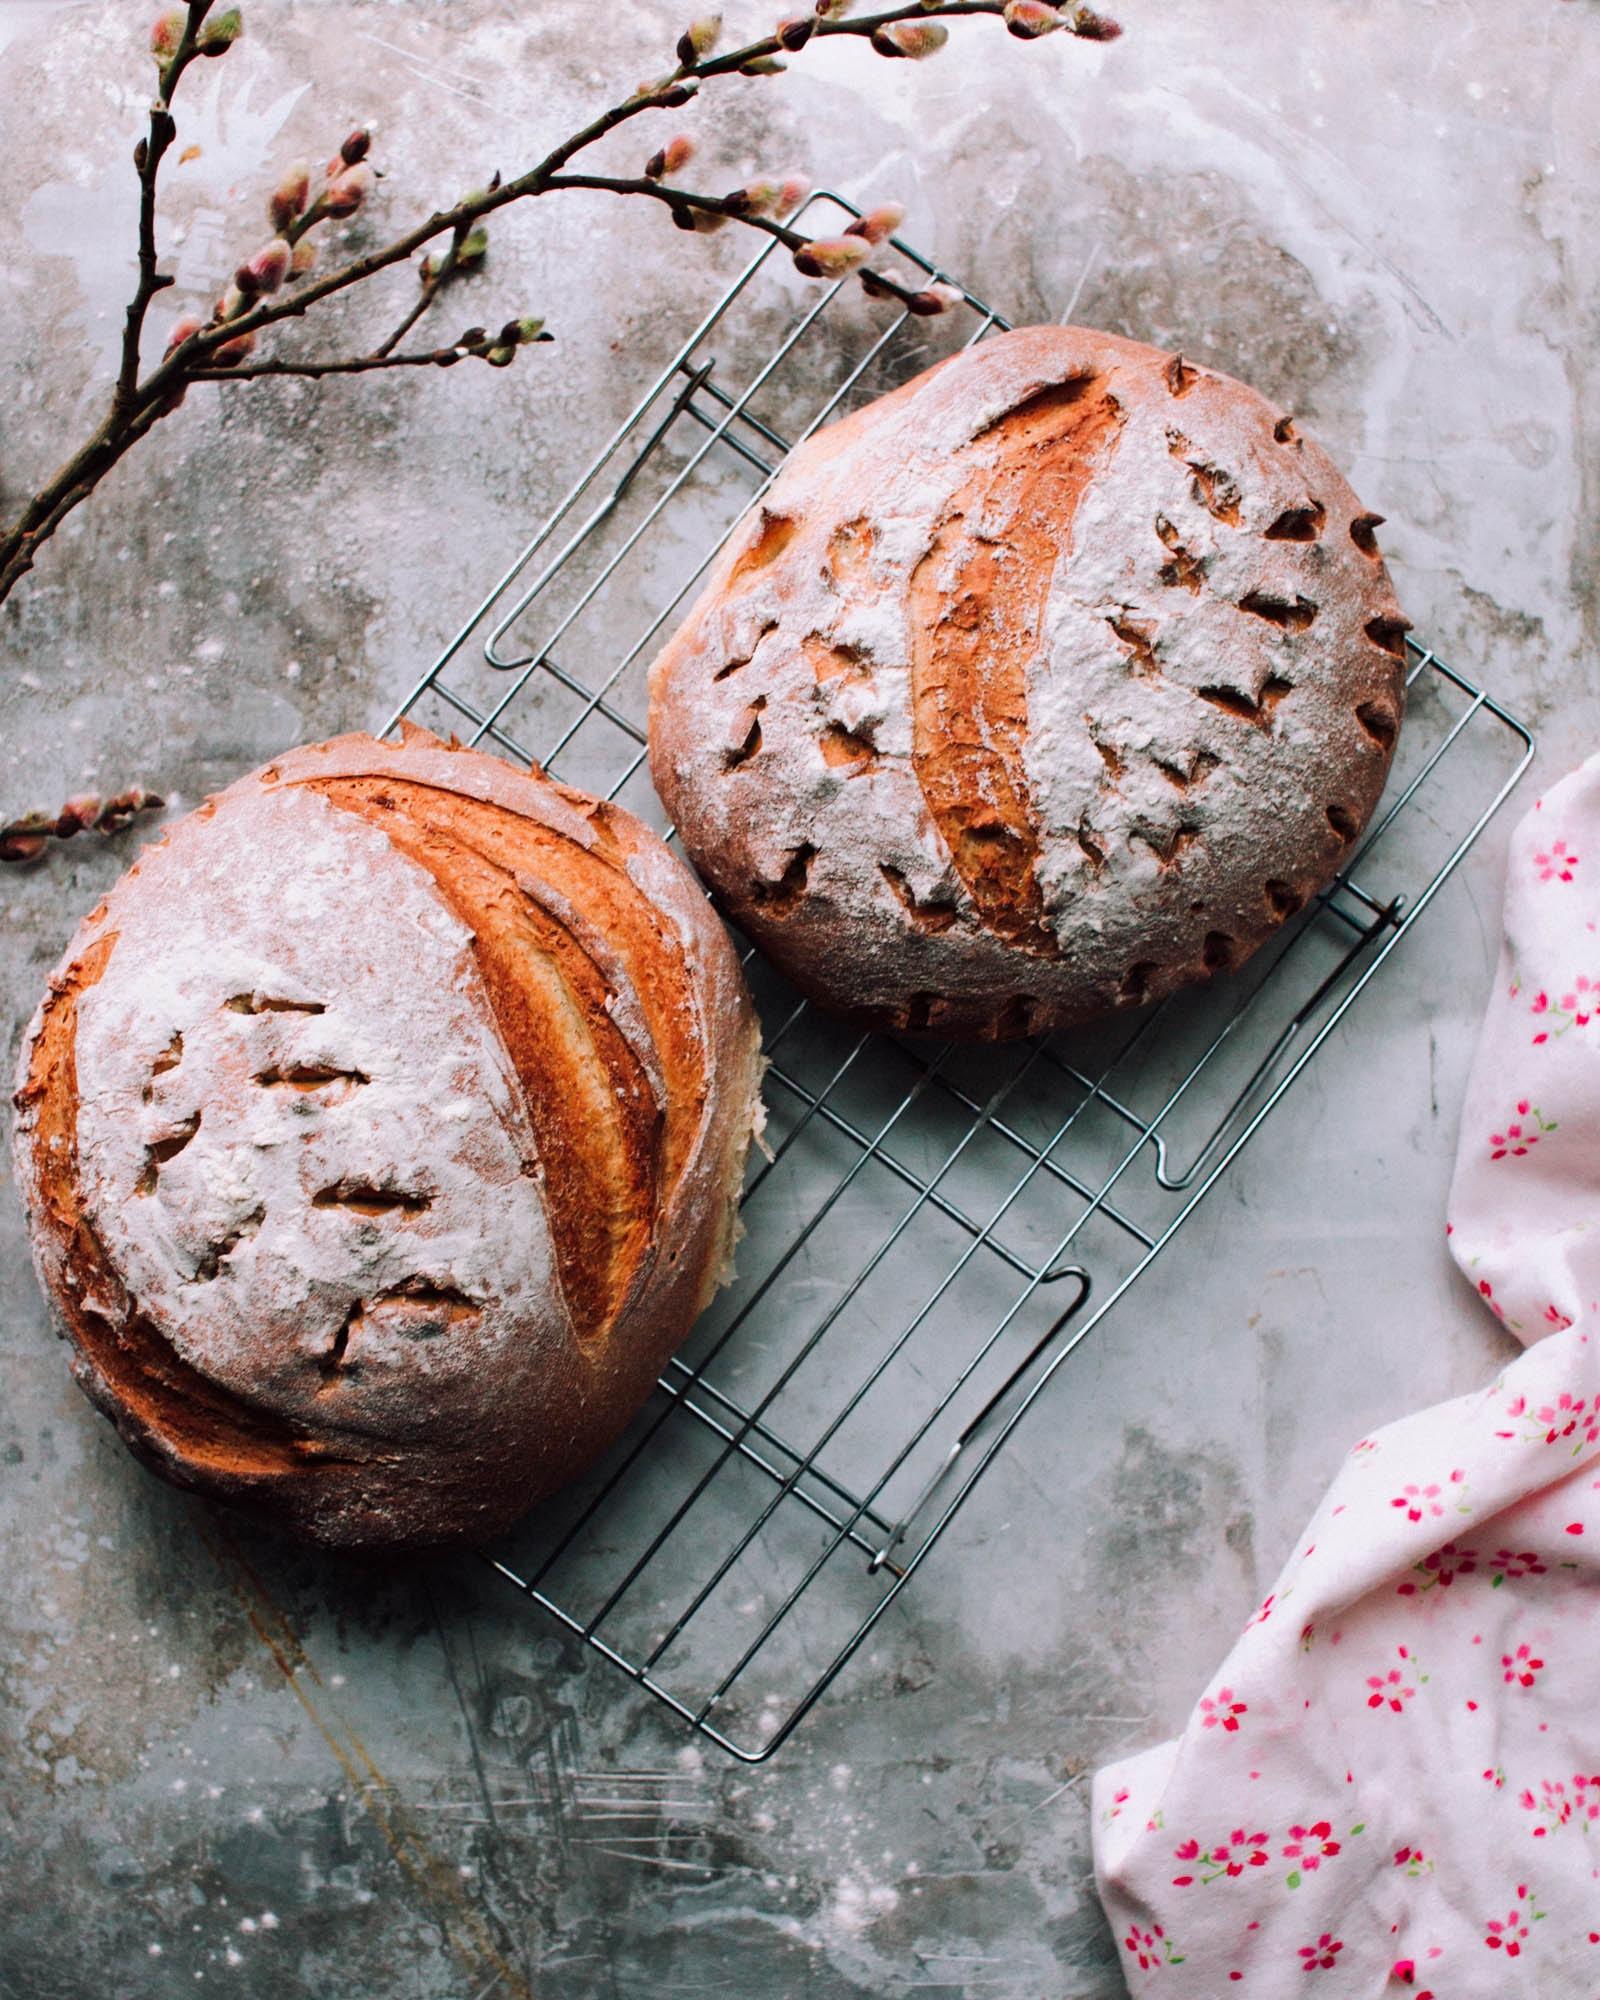 food-photographer-jennifer-pallian-QsGtVwWStI8-unsplash.jpg